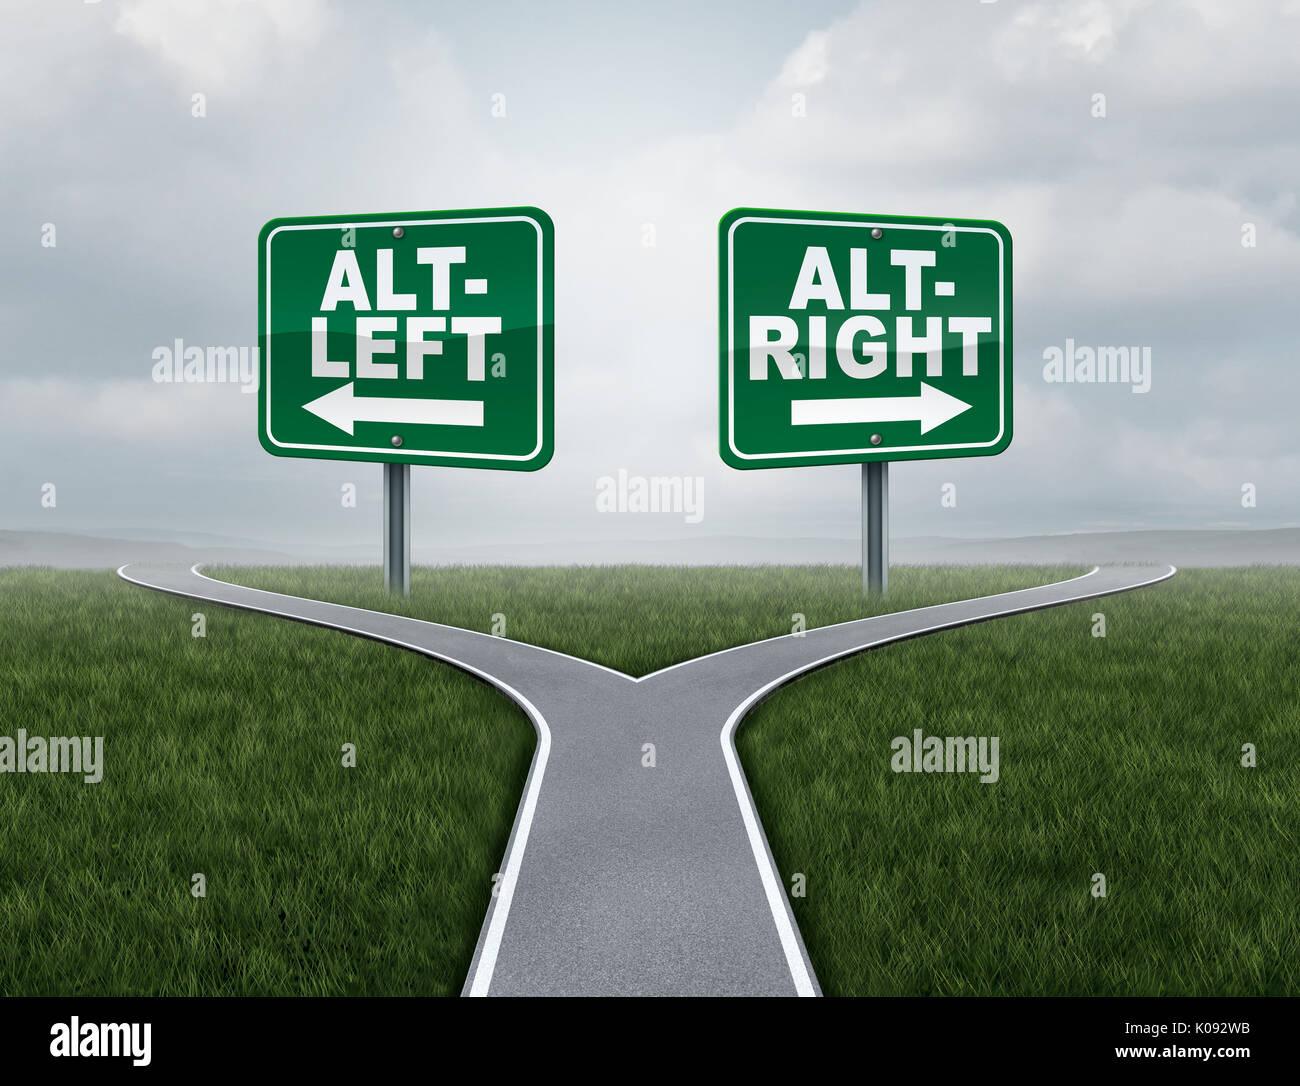 Alt destro o altleft nozione come un politico e pensiero sociale idelogies concetto con due facce contrapposte di ideologia discussione. Immagini Stock